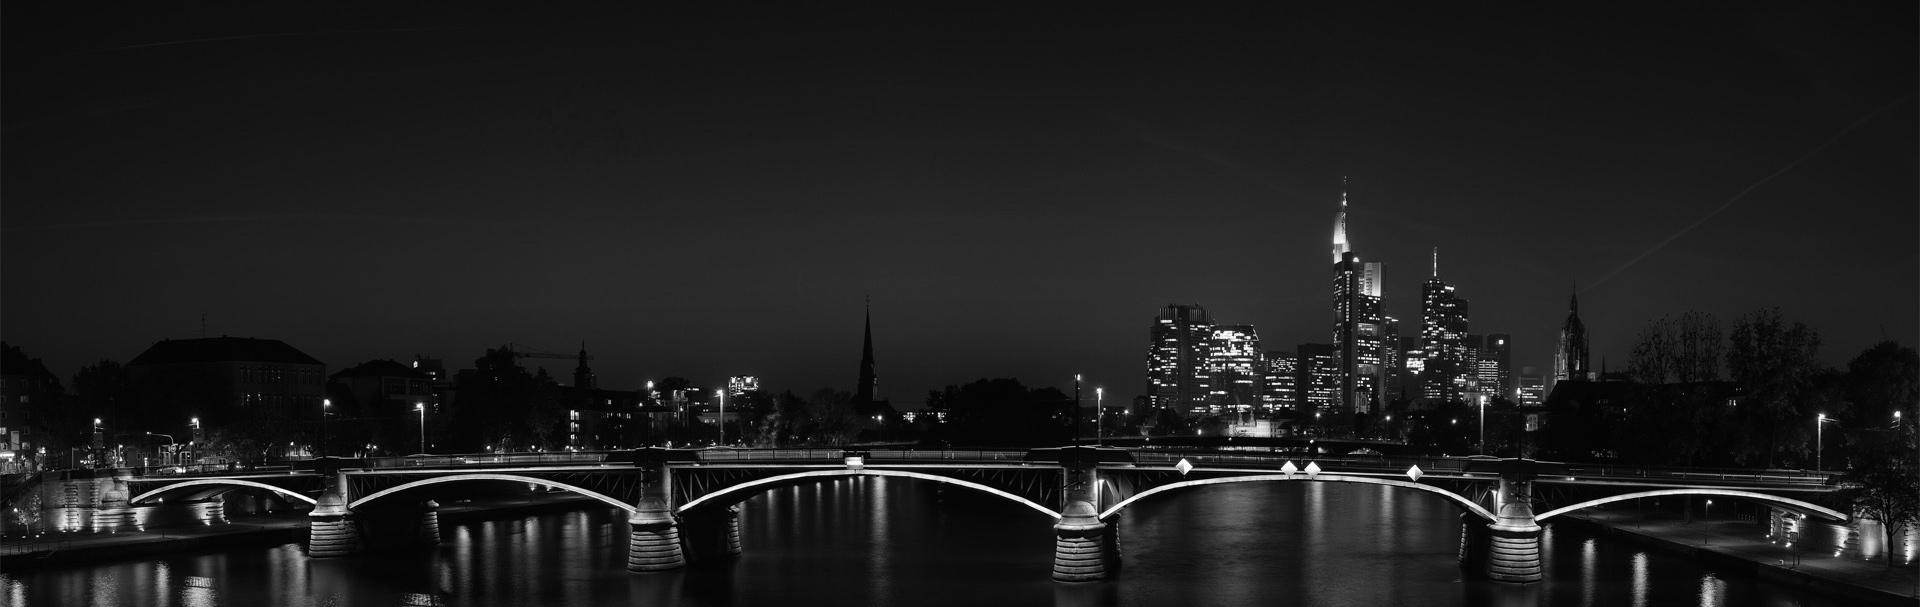 FrankfurtModifiedBW